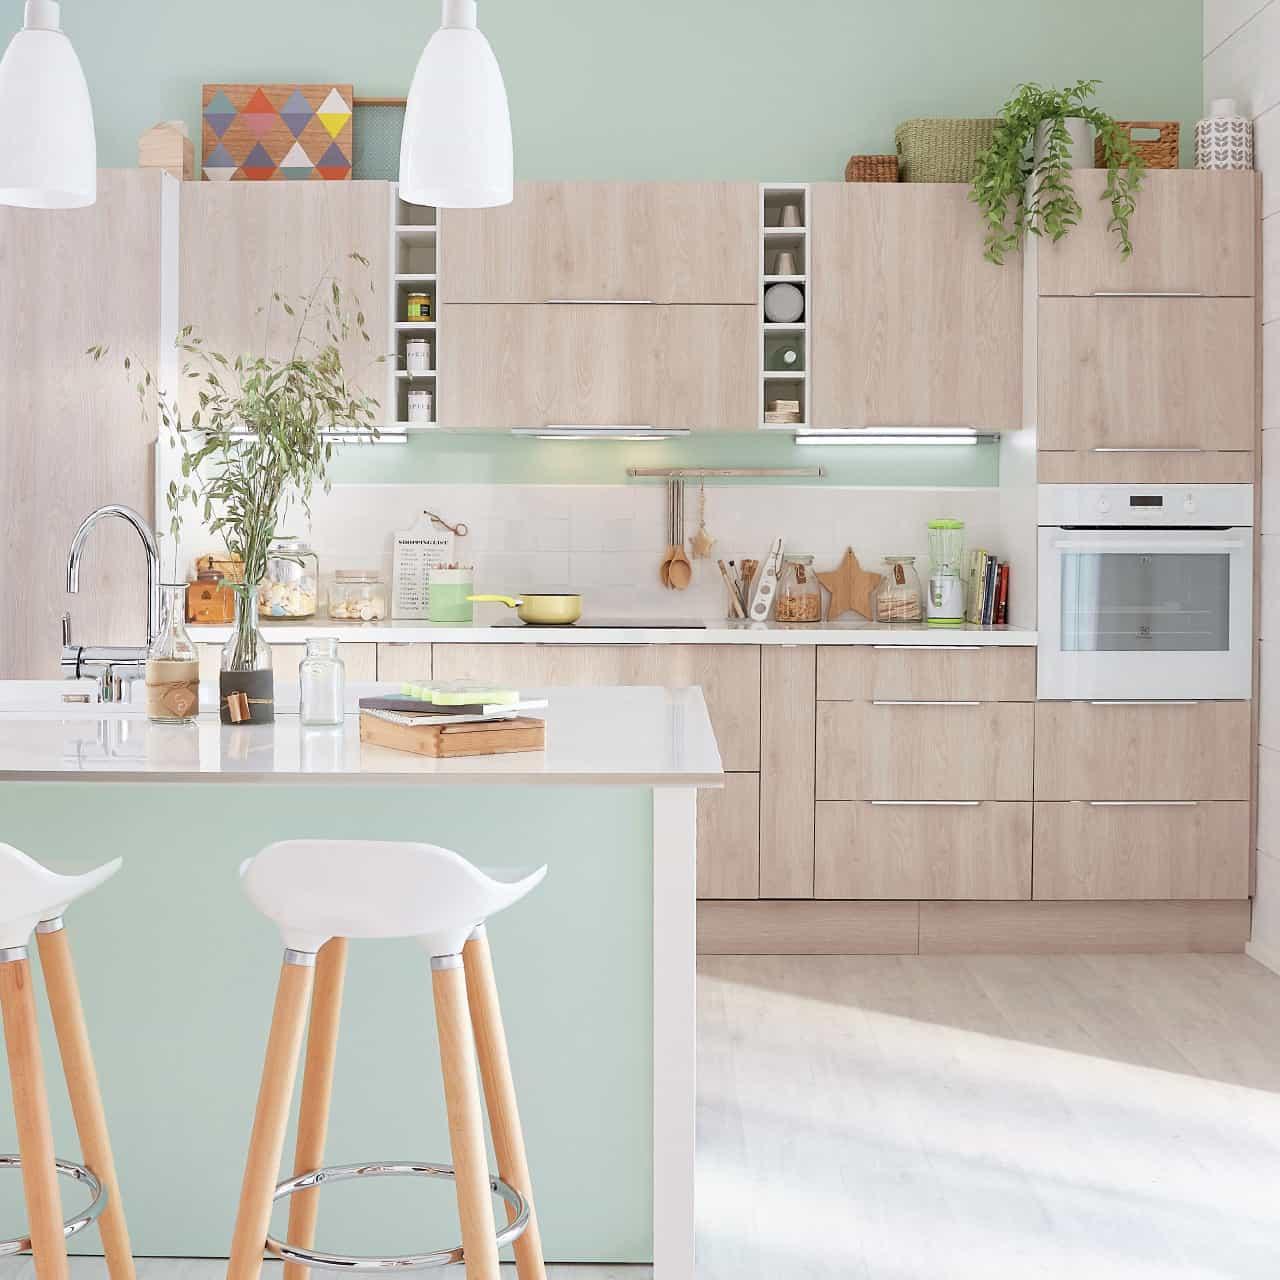 Κουζίνα Delinia iD Leroy Merlin